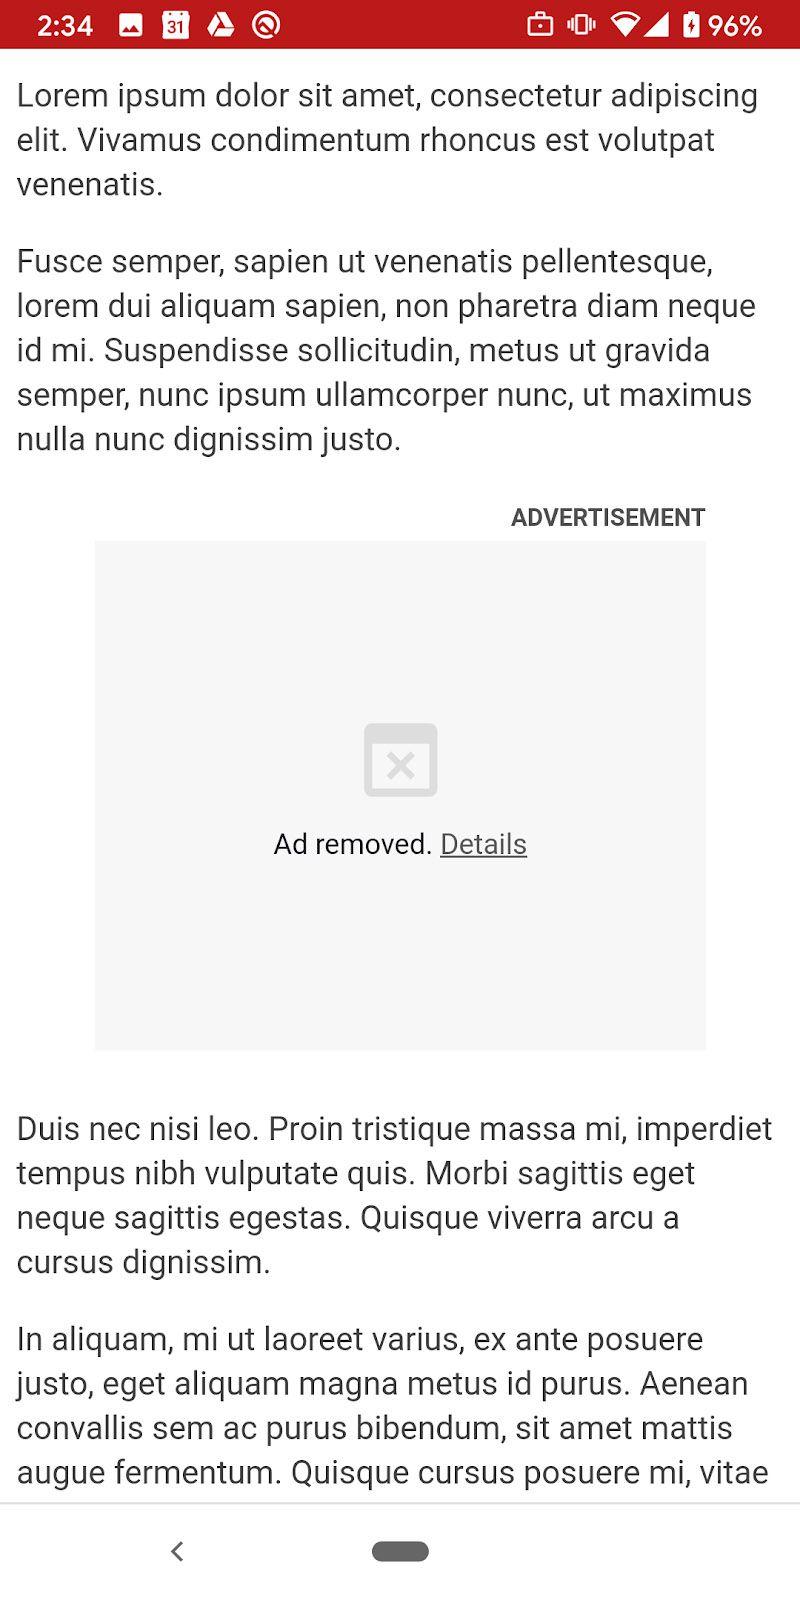 Une capture d'écran Android montrant une publicité bloquée sur Google Chrome.